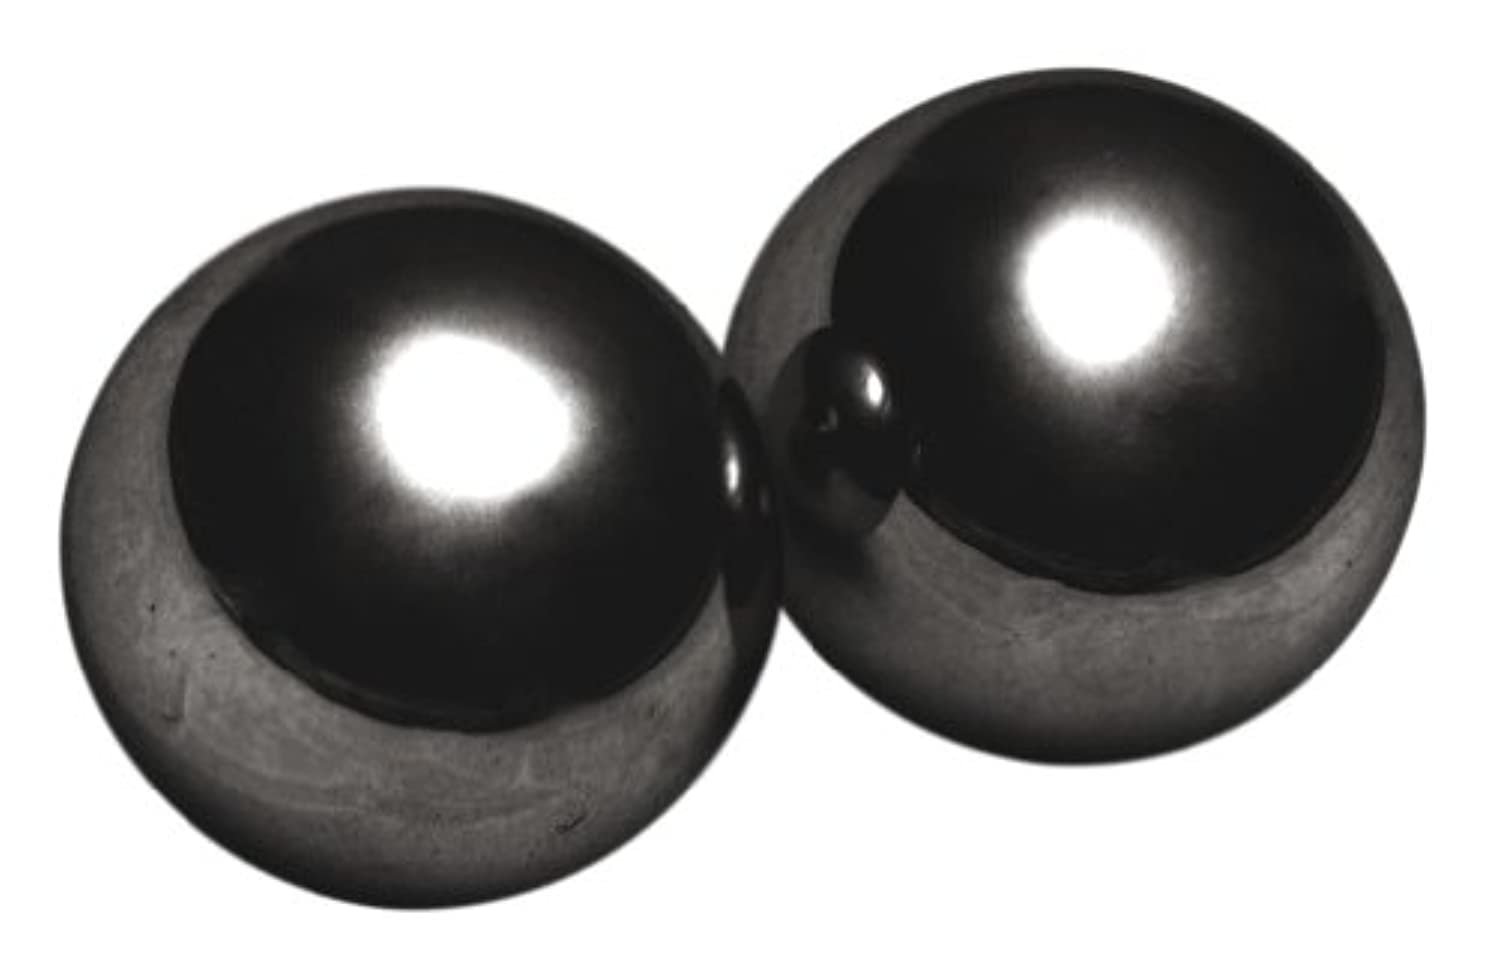 マグナス1インチマグネティックケーゲルボールMagnus 1 Inch Magnetic Kegel Balls